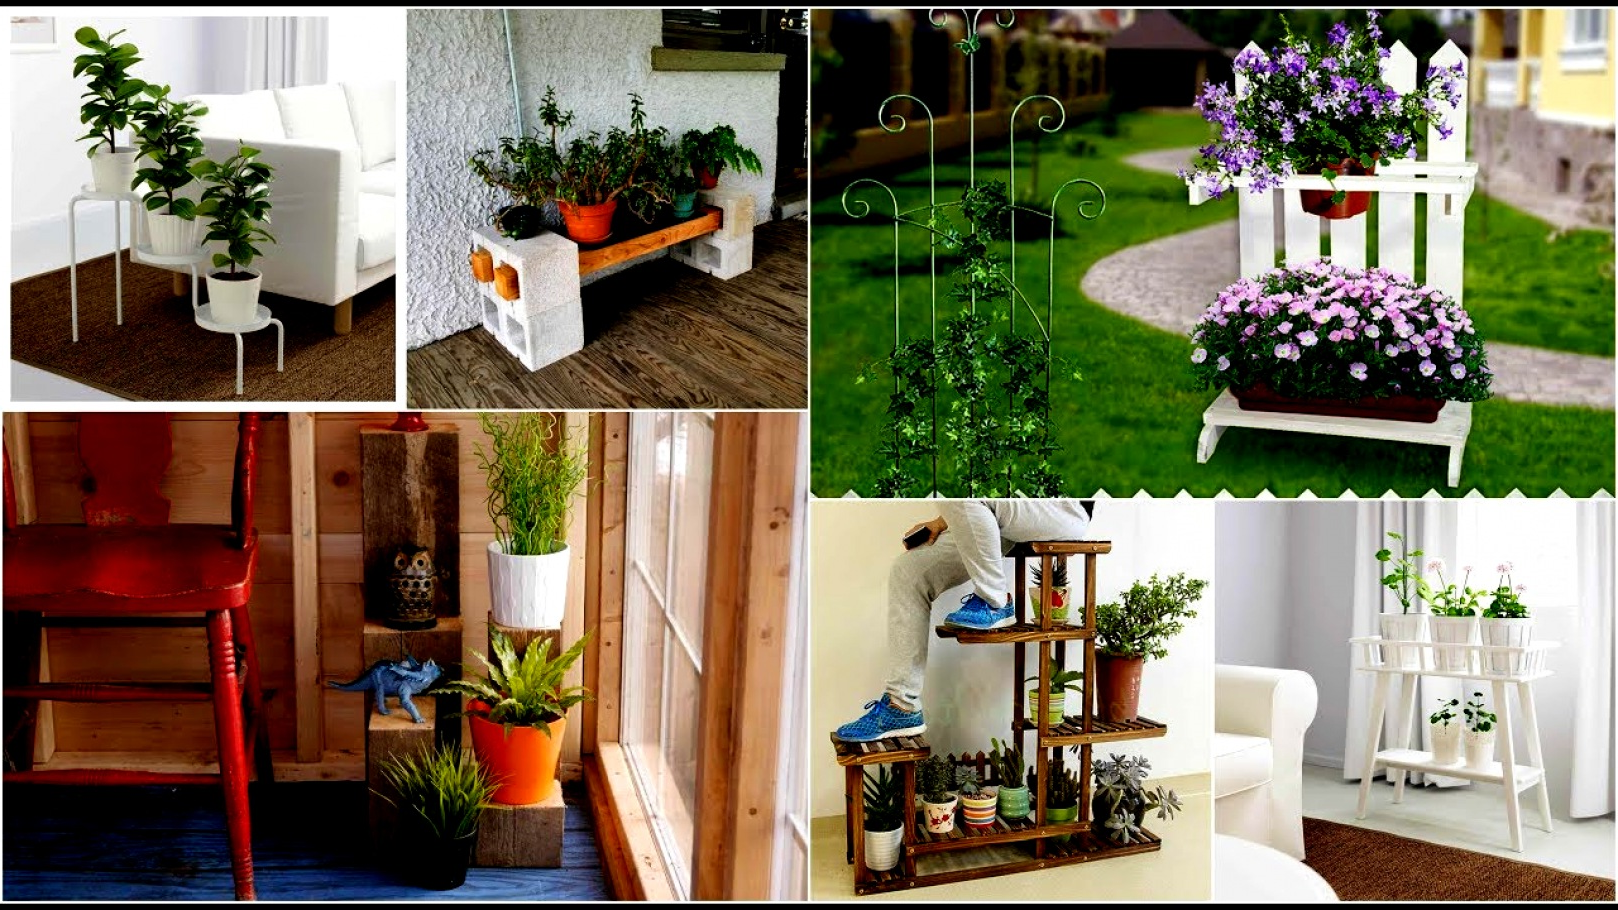 Idée pour déco le jardin avec des fleurs dans les étagères